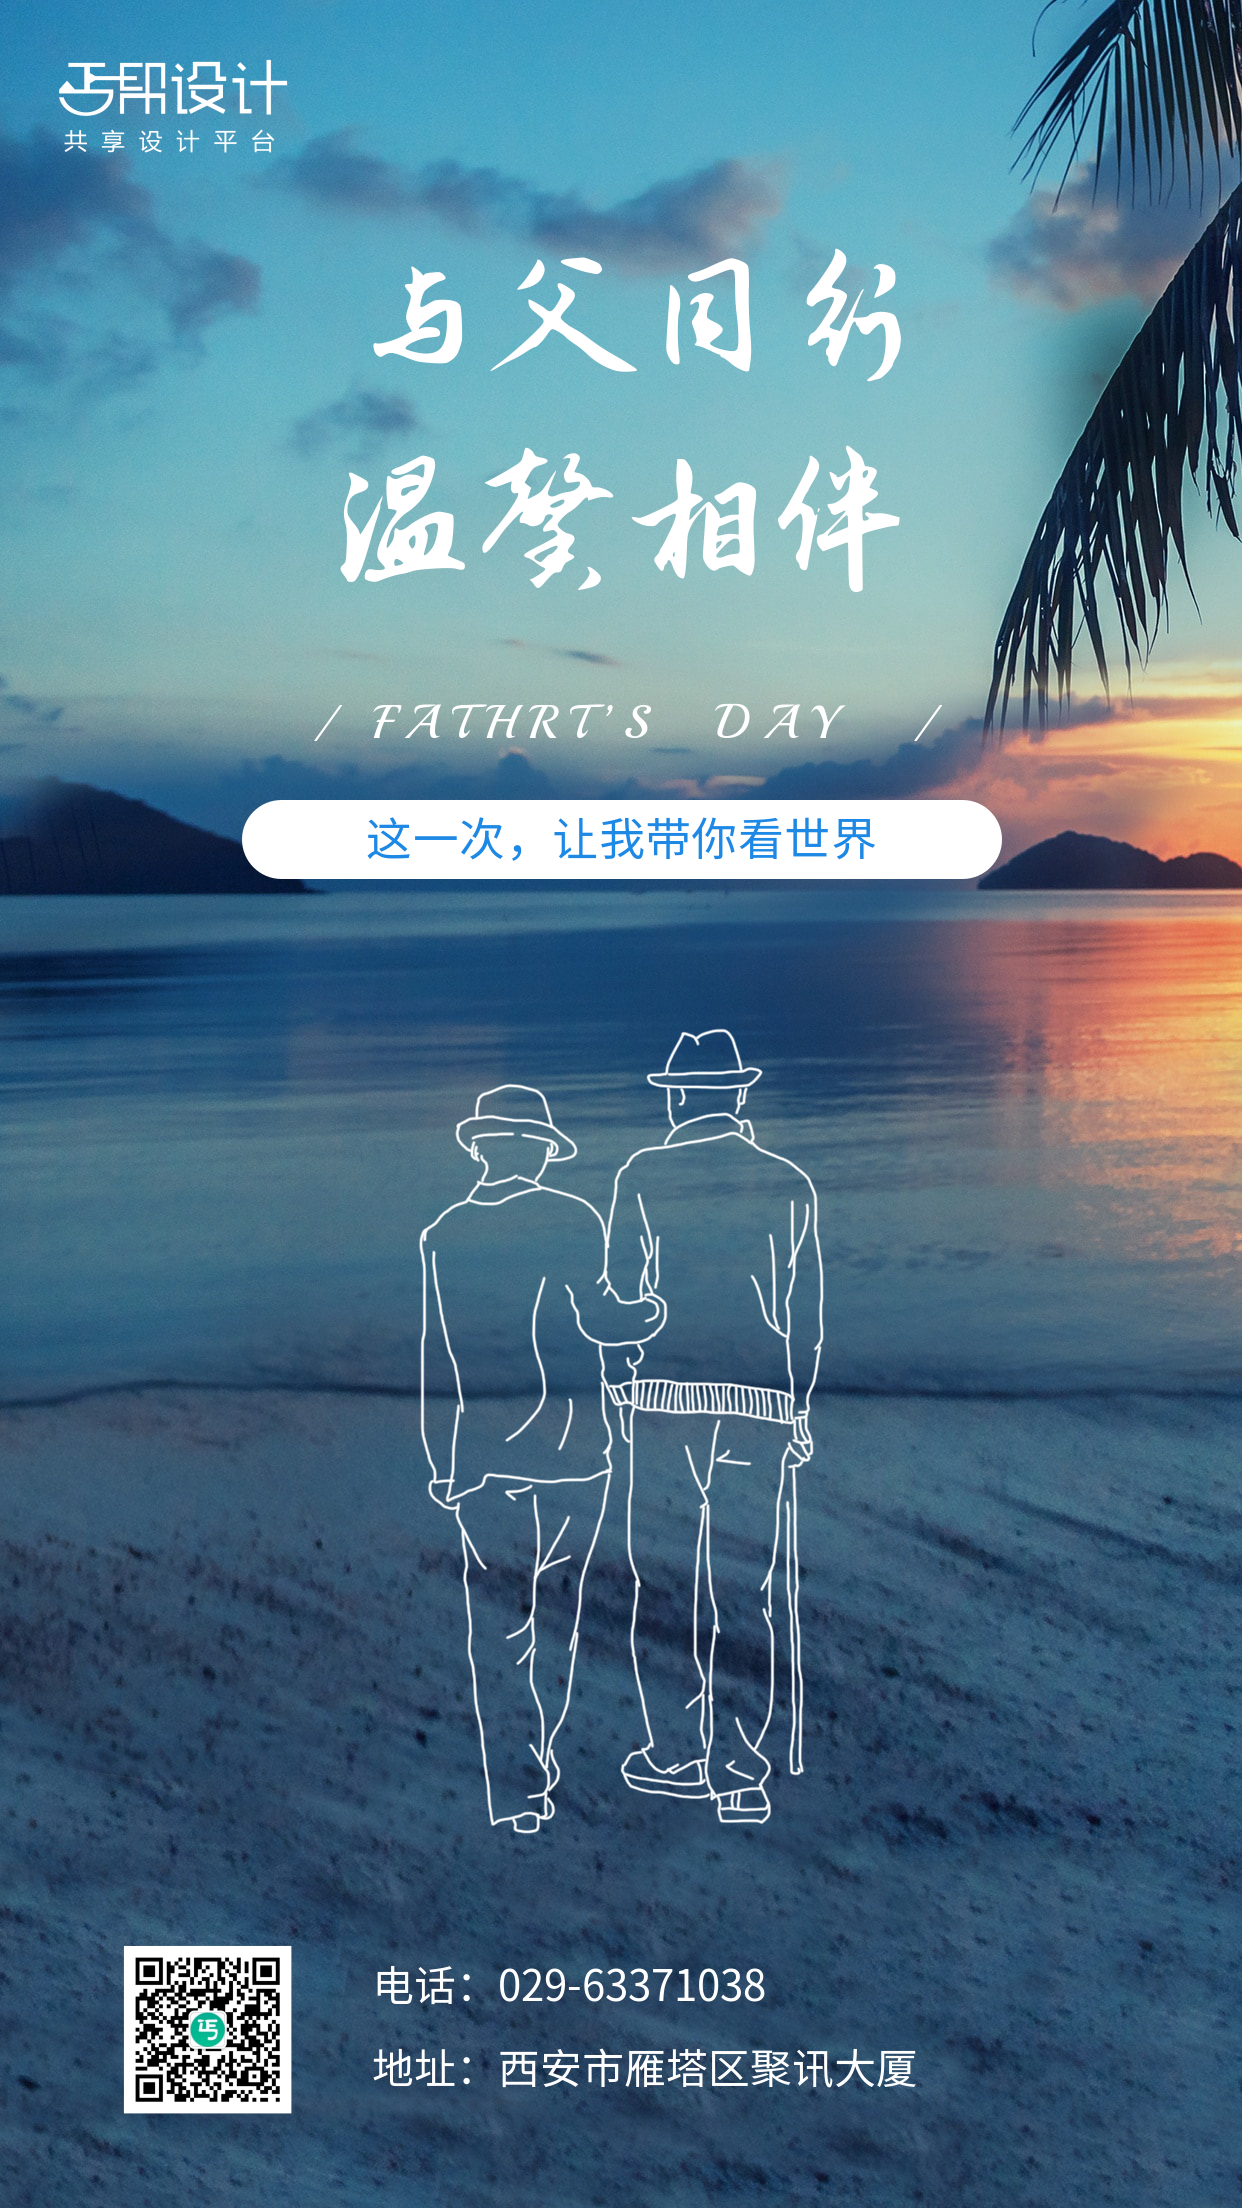 父亲节节日祝福问候旅游海报